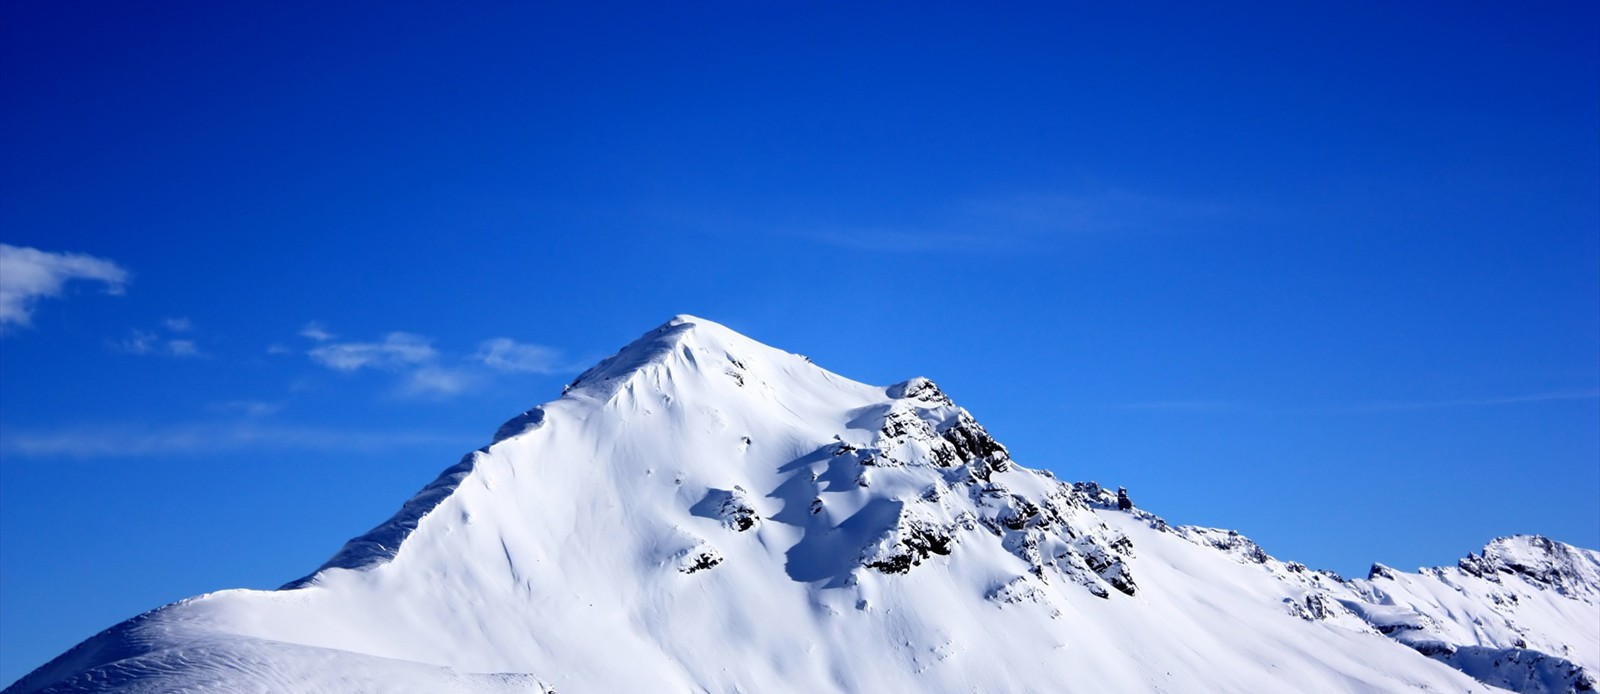 Mountain : slider responsive